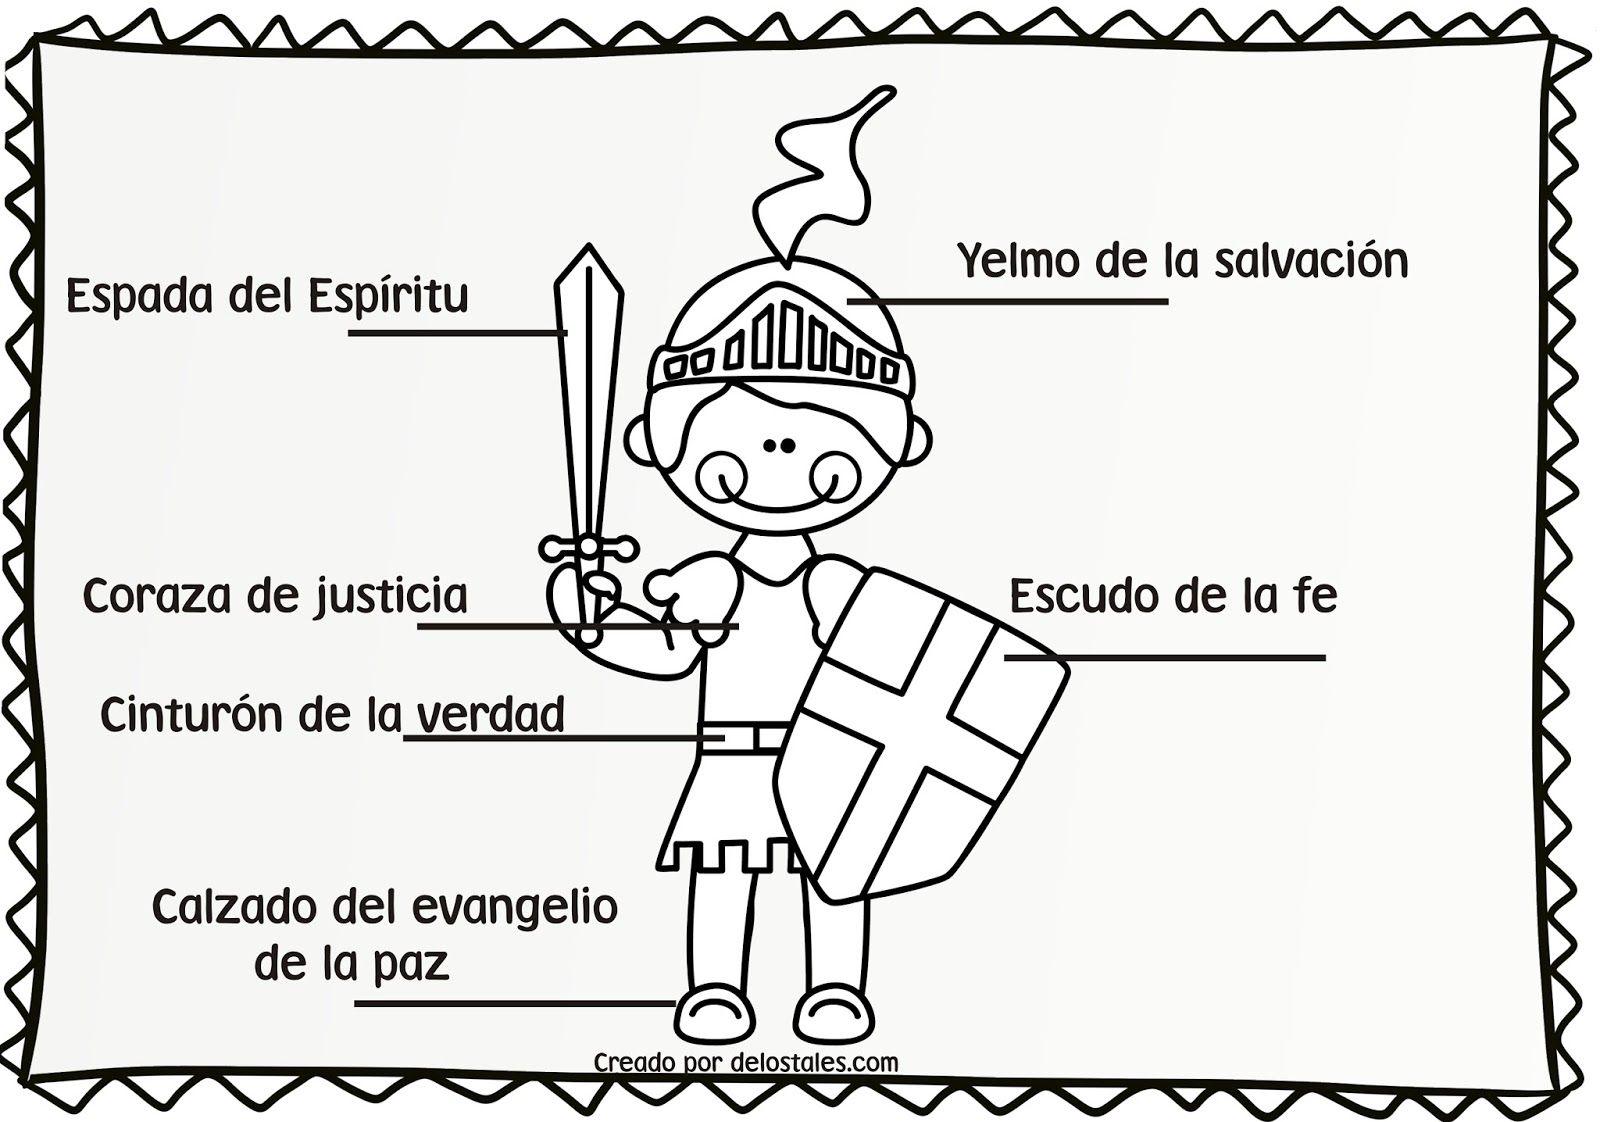 Semana 43 Vestidos Para Vivir De Los Tales Lecciones Para Ninos Cristianos Clase Dominical Para Ninos Lecciones Biblicas Para Ninos